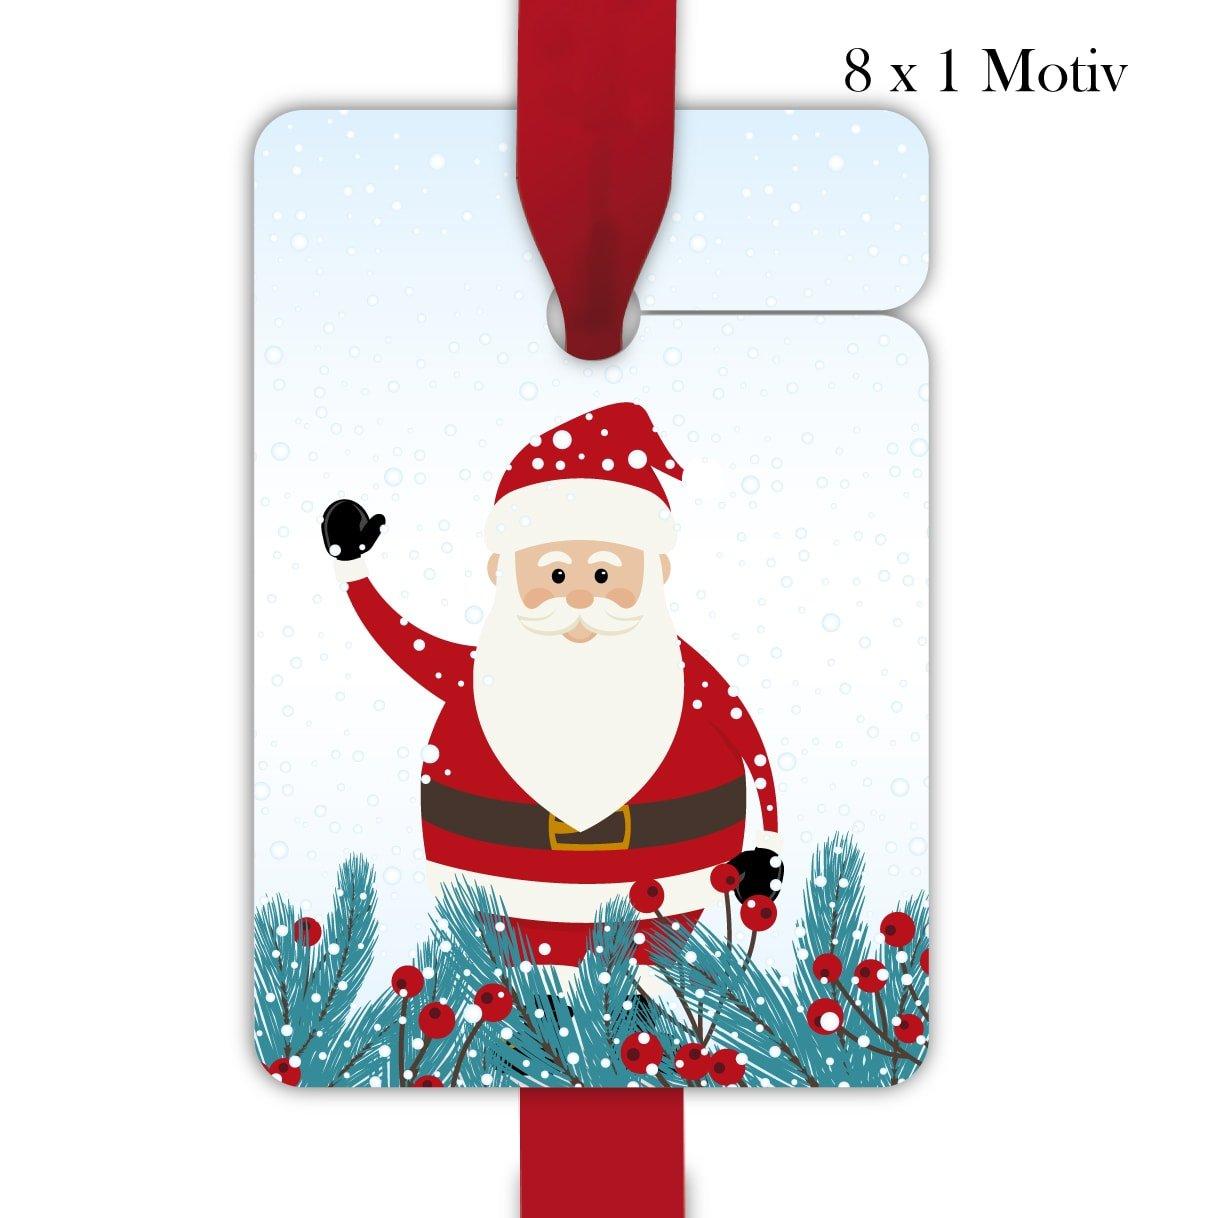 10 x 8 süße Weihnachts Geschenkanhänger, Geschenkkarten, Papieranhänger, Hänge Etiketten, Tags zu Weihnachten mit winkendem Weihnachtsmann und Winter Grün, Format 10 x 6,9cm